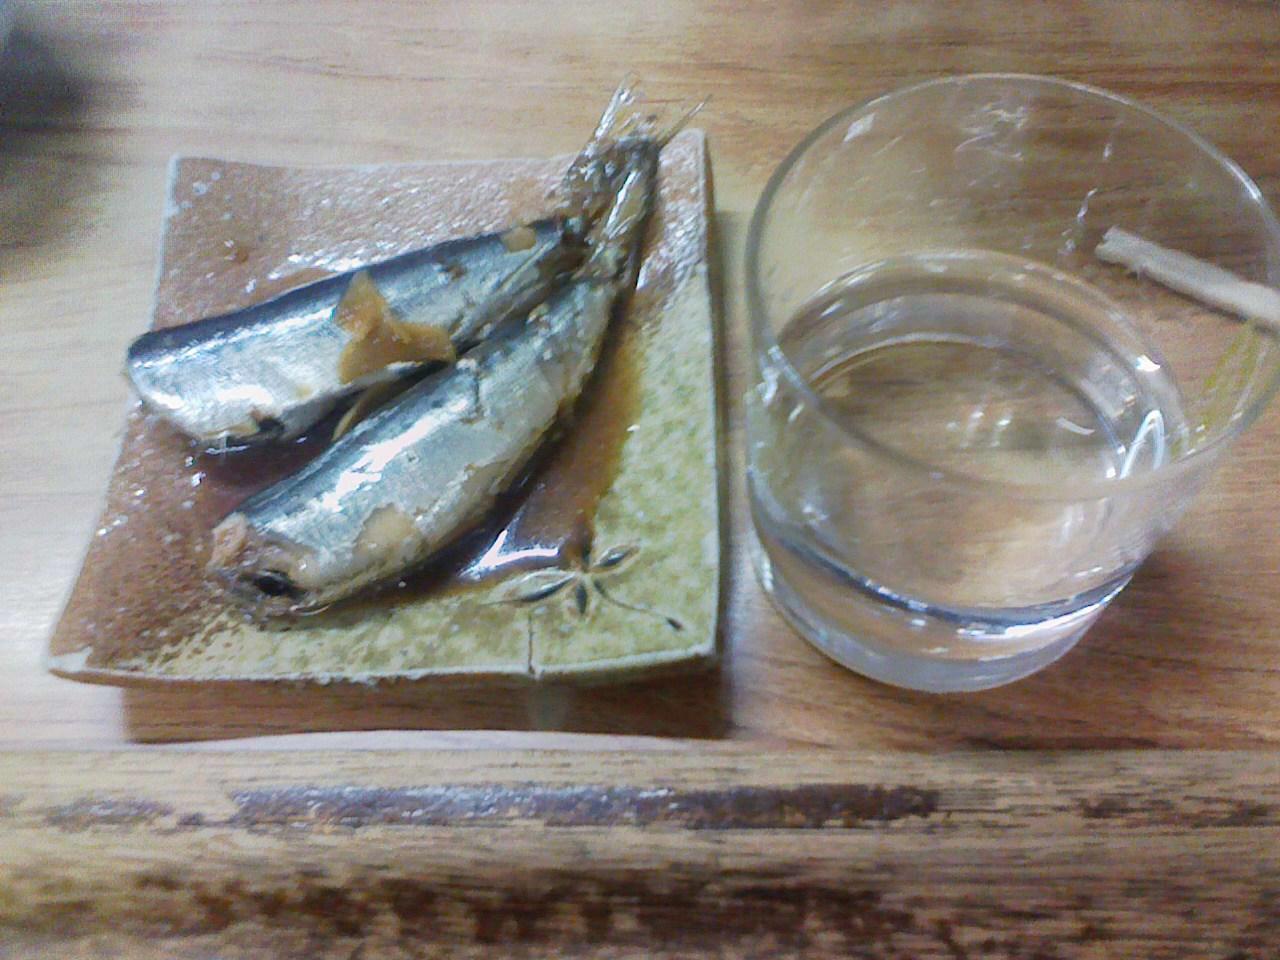 久しぶりの「稲田酒店」大分麦の「久保」を味わう。_c0061686_9372260.jpg